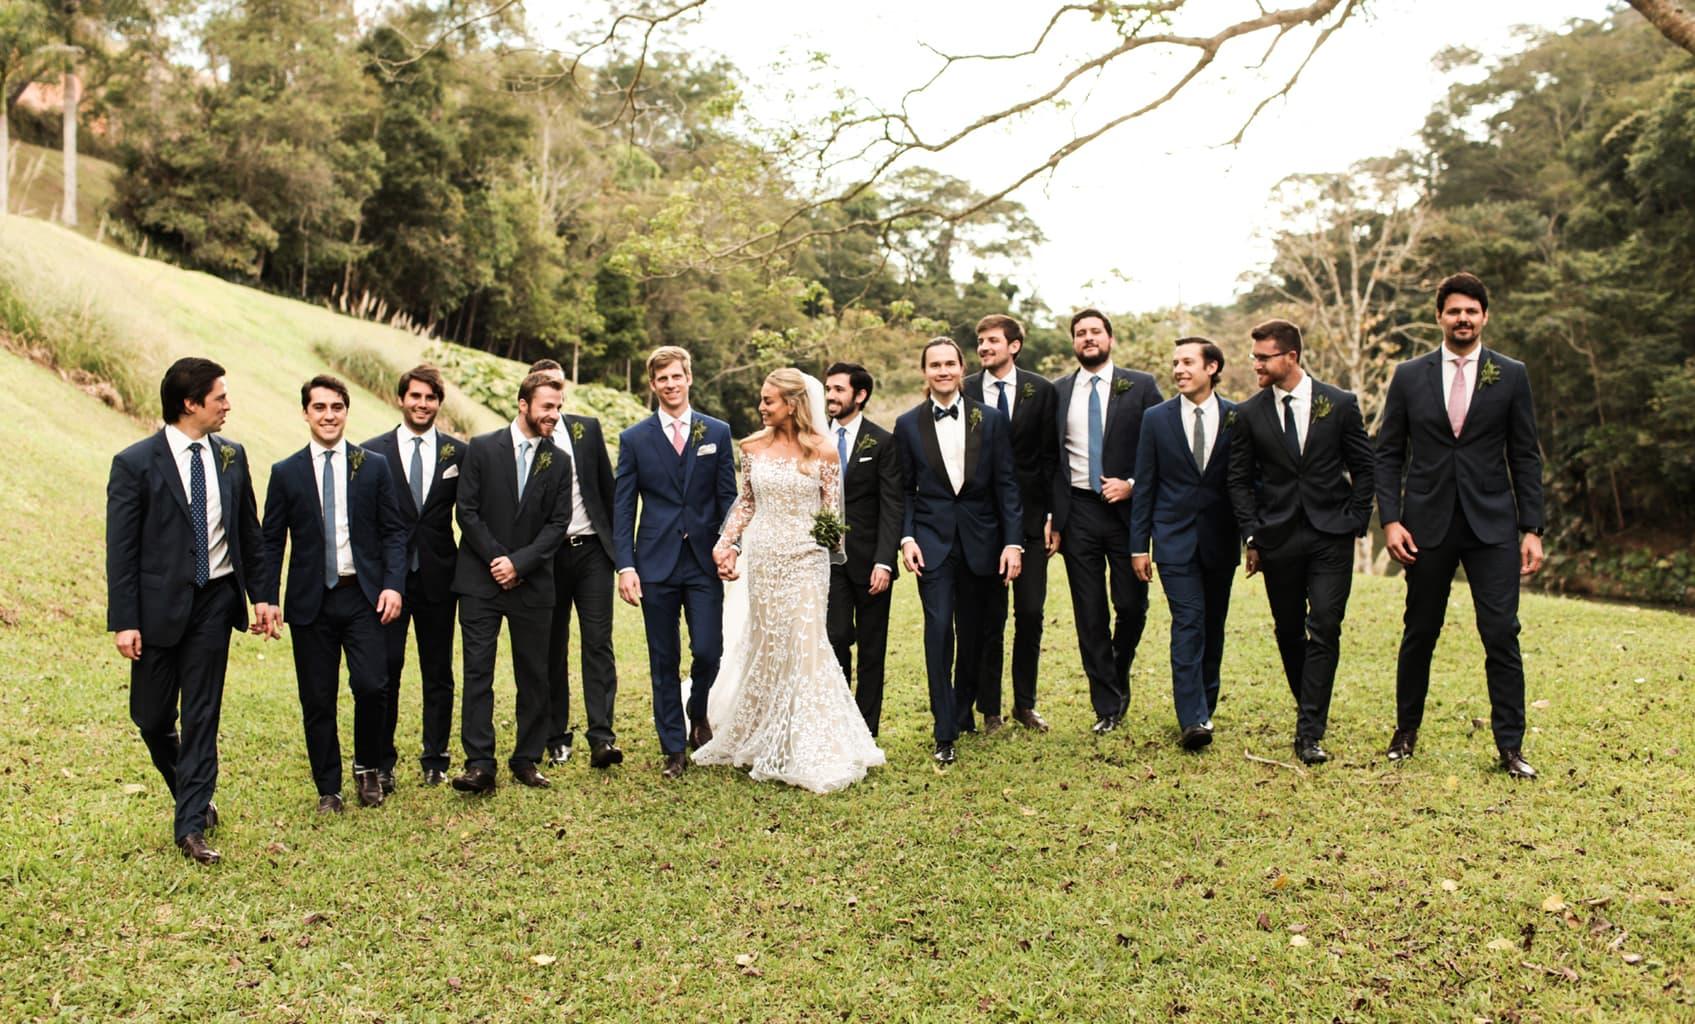 casamento-Pilar-e-Erick-Fotografia-Ana-Junqueira-casamento-no-campo-RJ-3